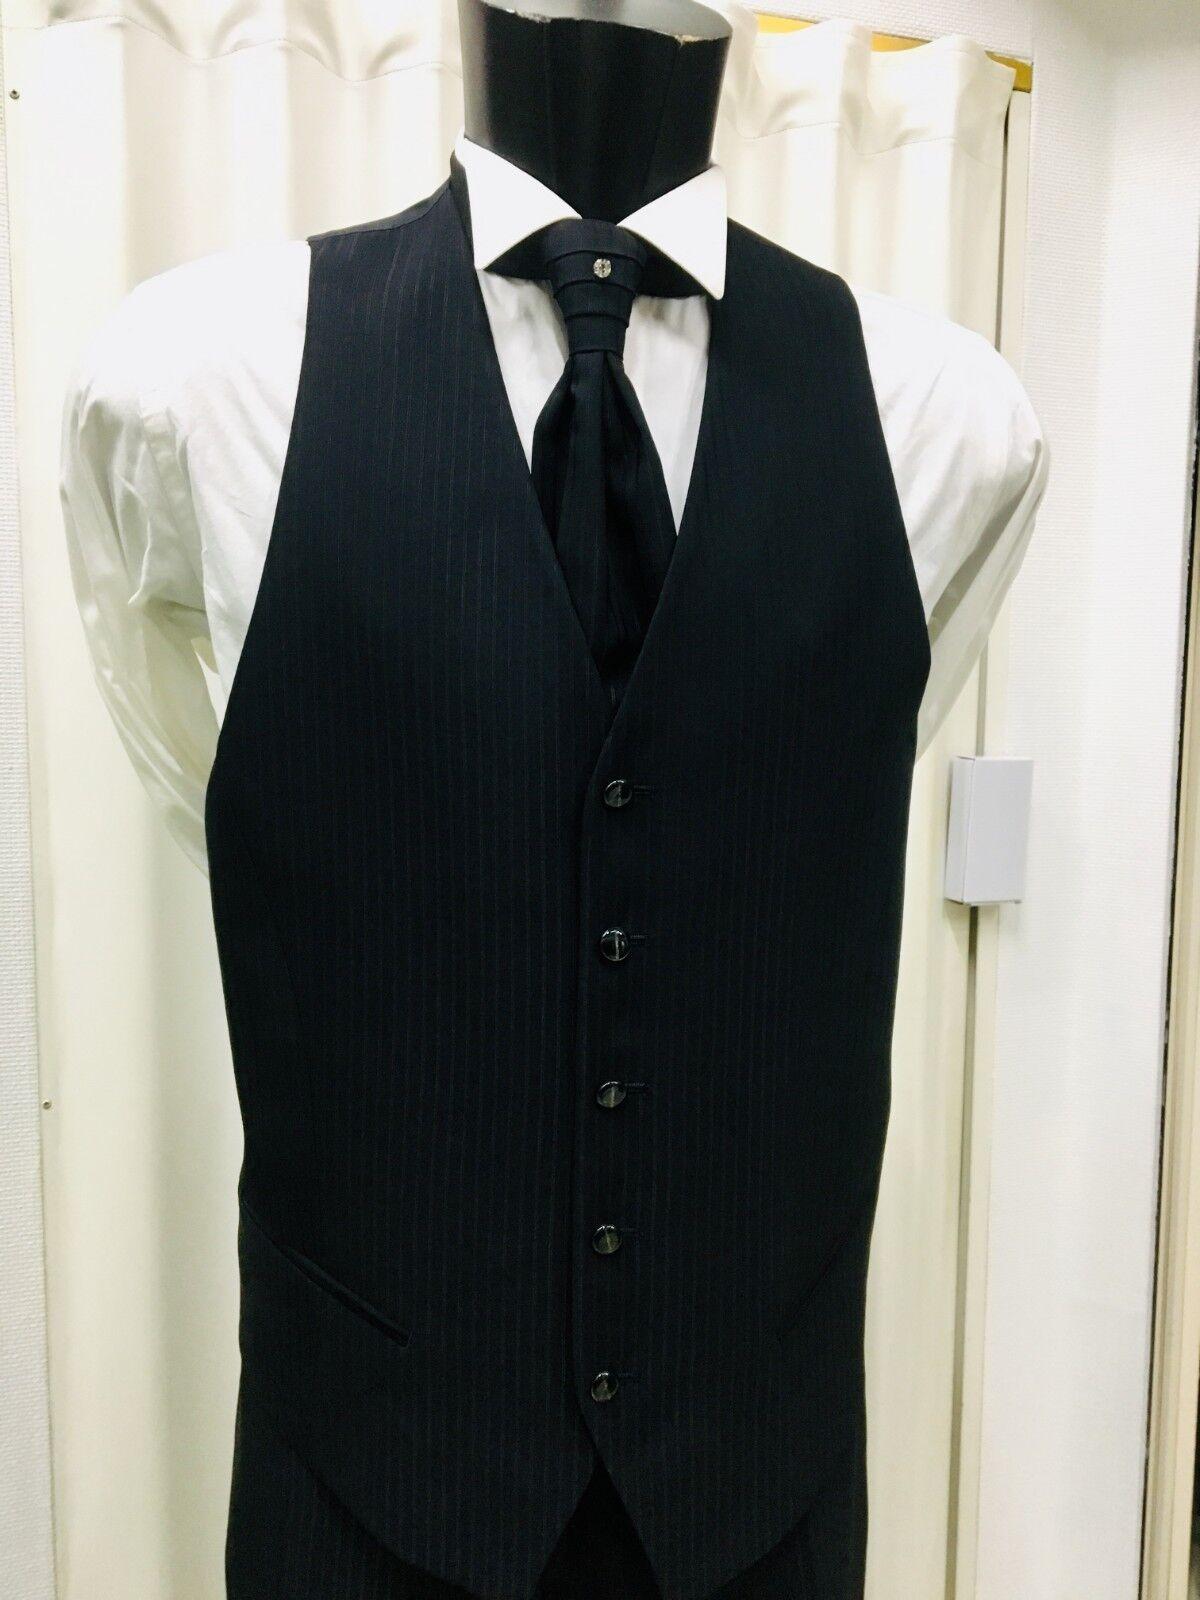 Kleid Bräutigam T.50 Unterzeichnet Carlo Pignatelli Suit Groom Hochzeit Italian Verkaufspreis Herrenmode Kleidung & Accessoires